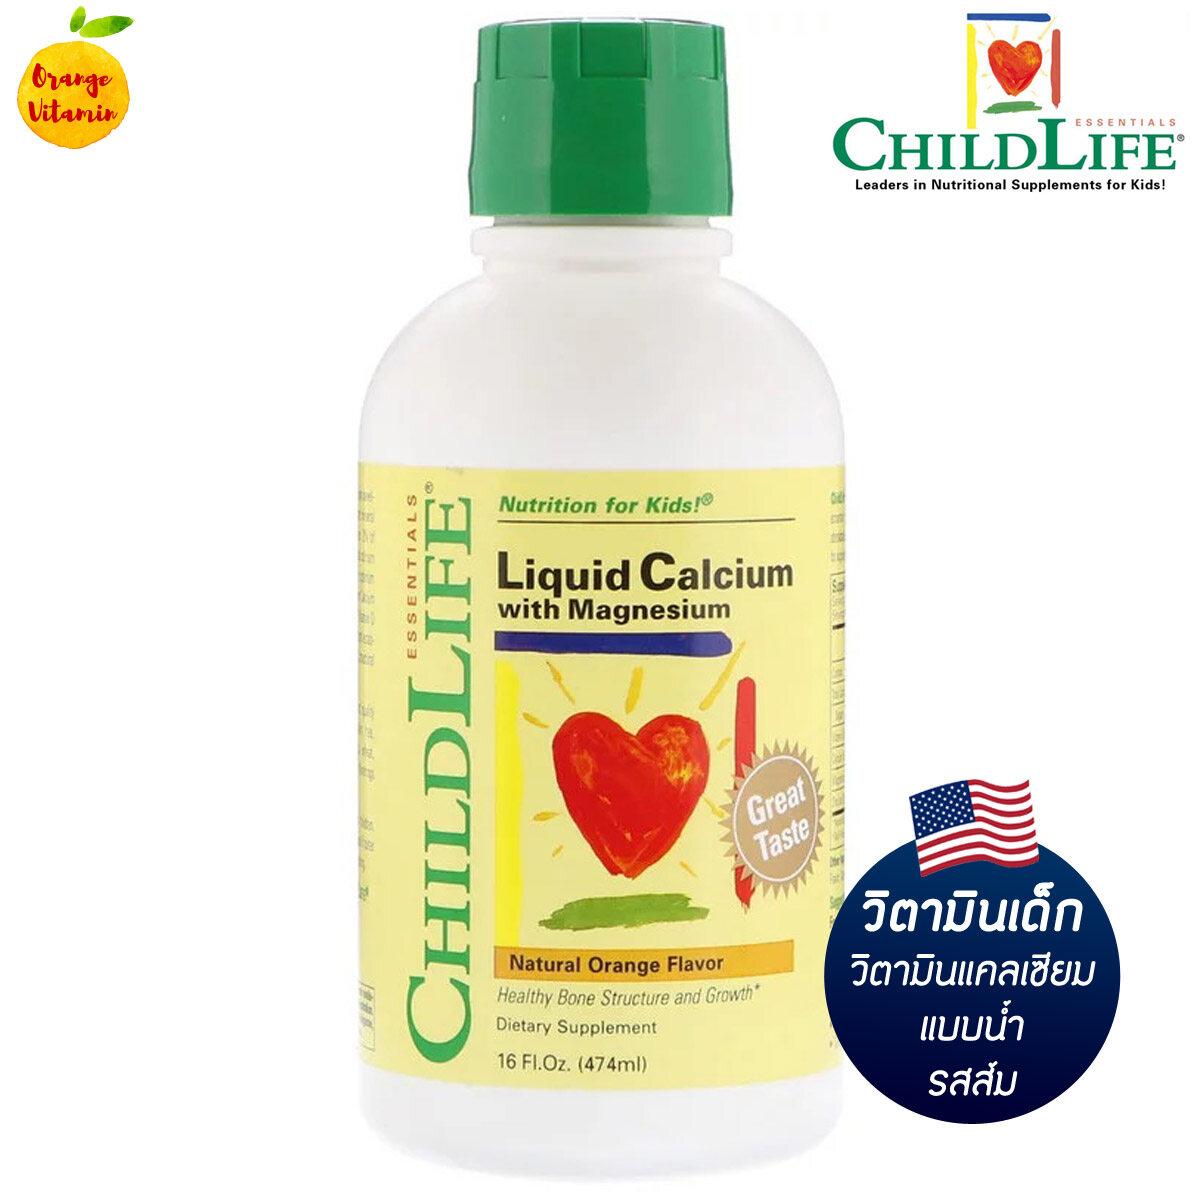 โปรโมชั่น ChildLife, Liquid Calcium with Magnesium, Natural Orange Flavor, 16 fl oz (474 ml) วิตามินแคลเซียมแบบน้ำ (รสส้ม) วิตามินเด็ก